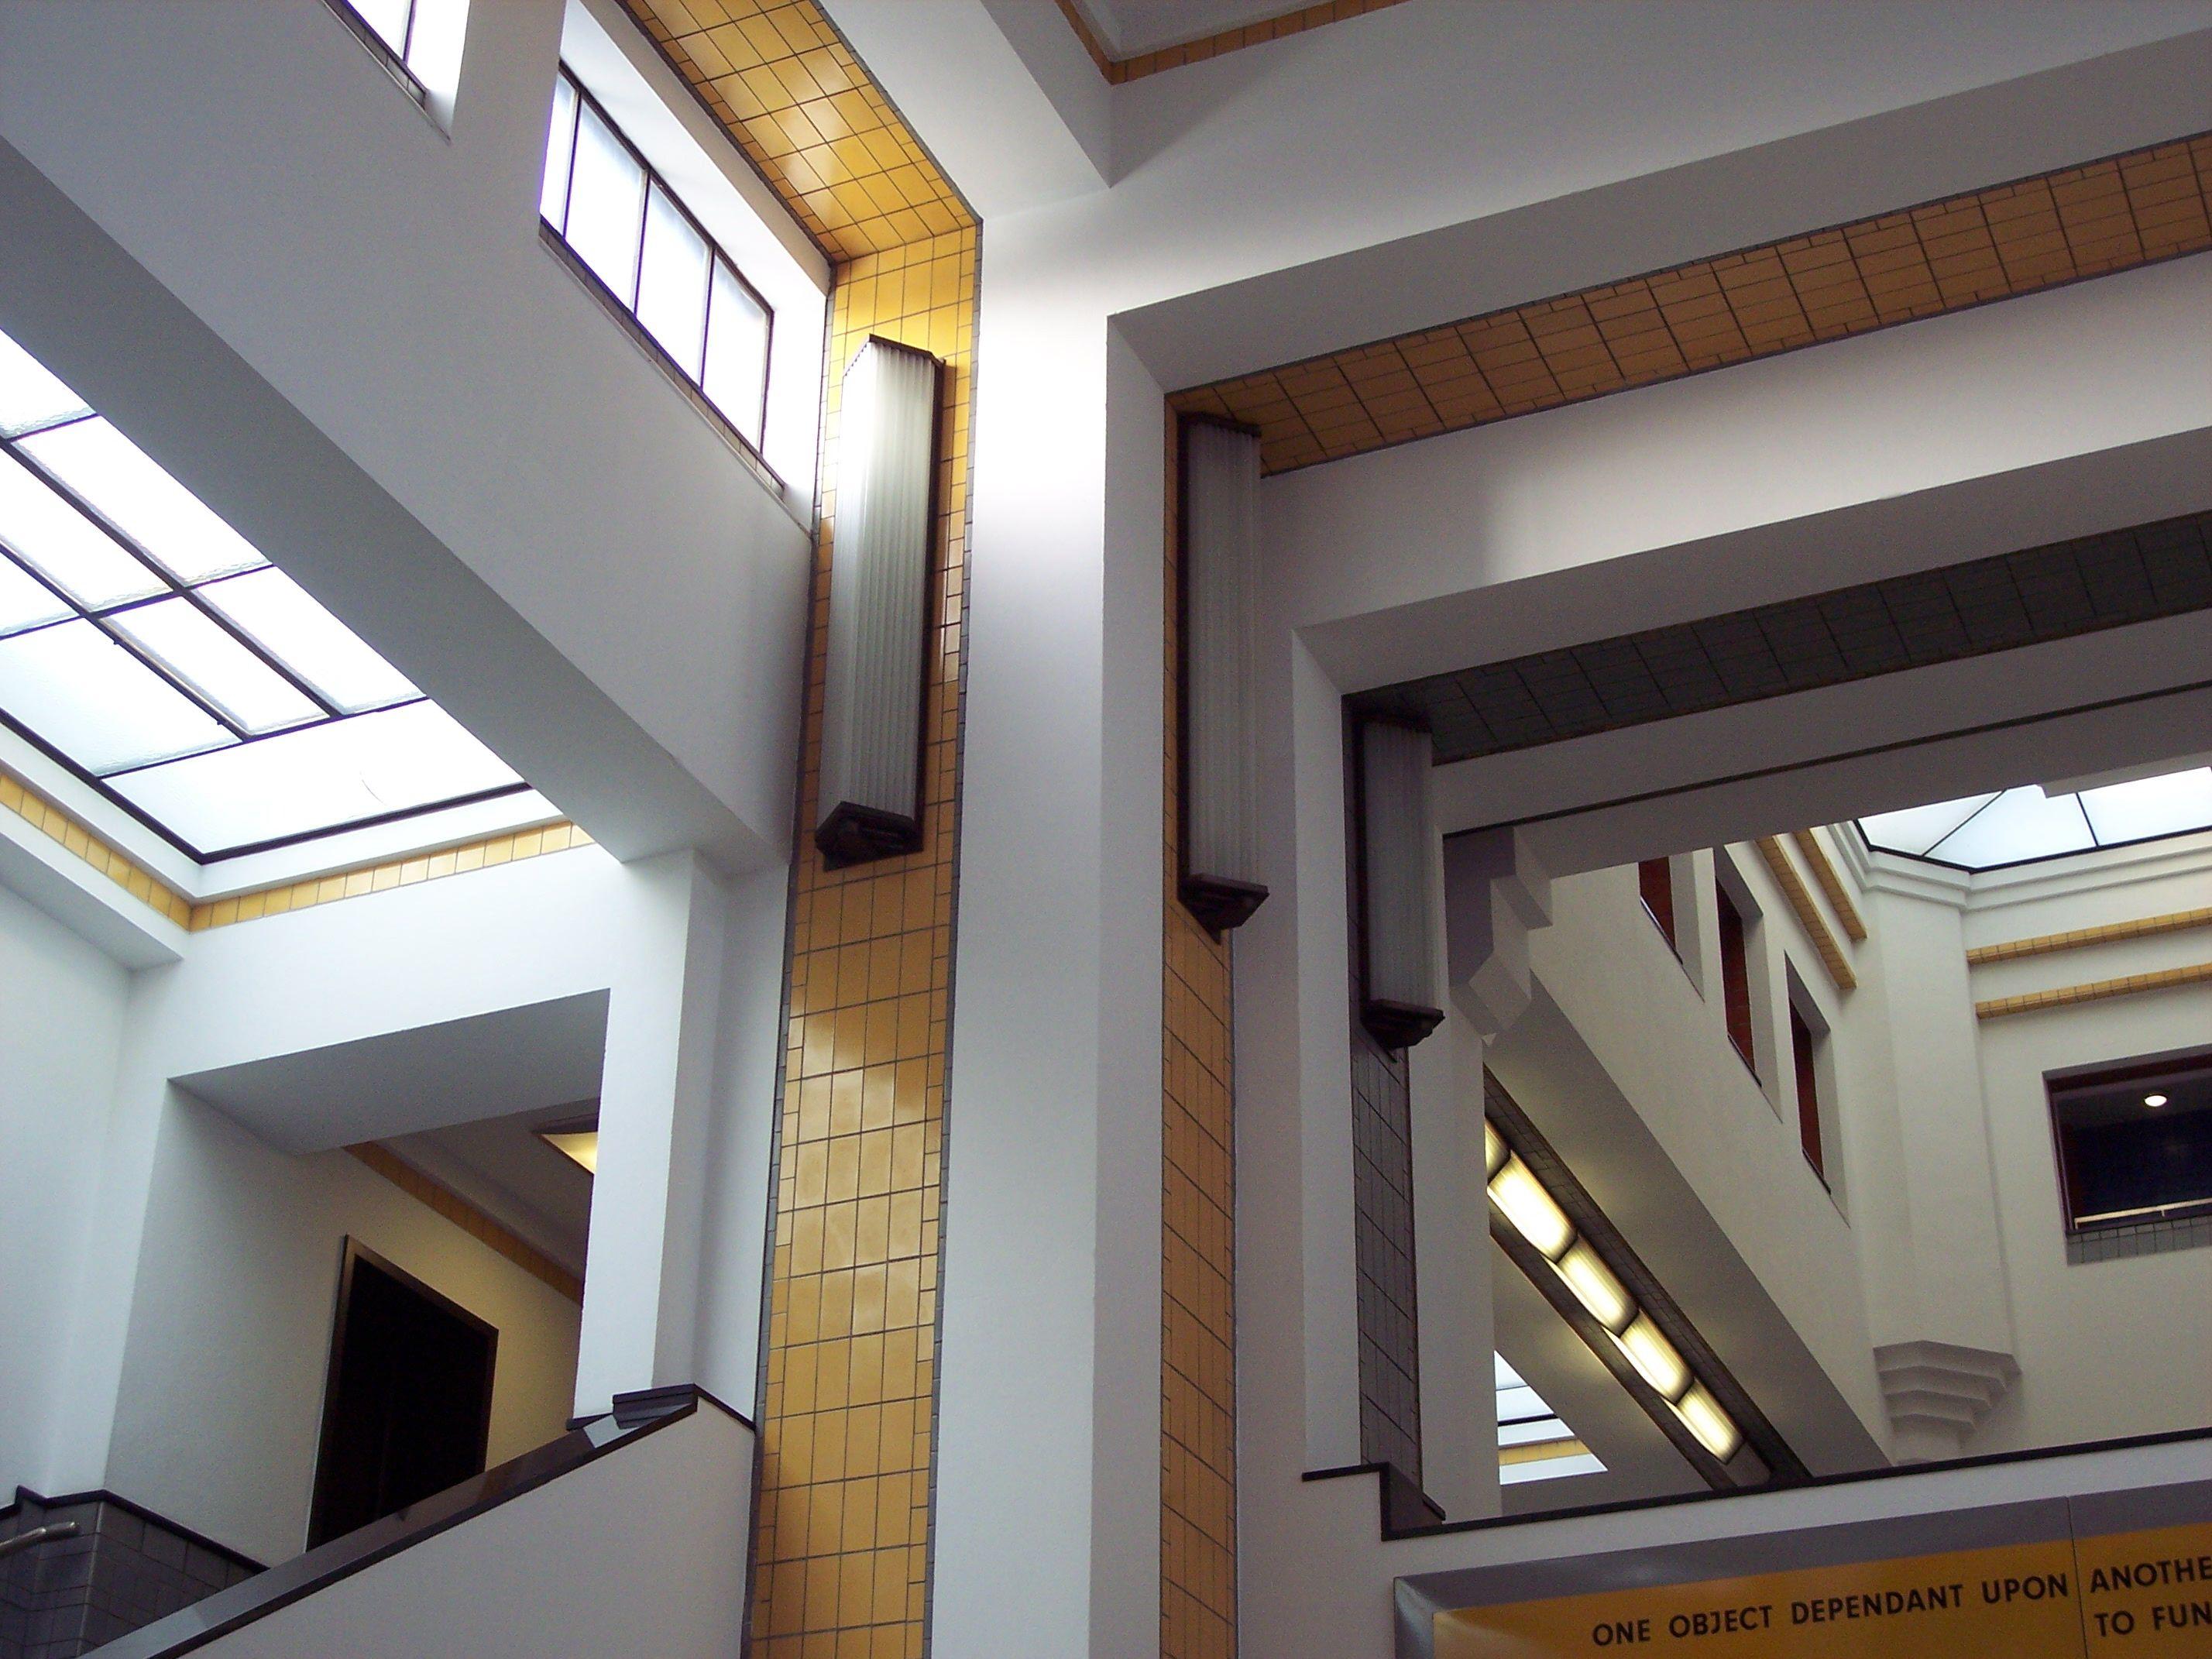 H.p. berlage gemeentemuseum den haag 1927 1935 haags